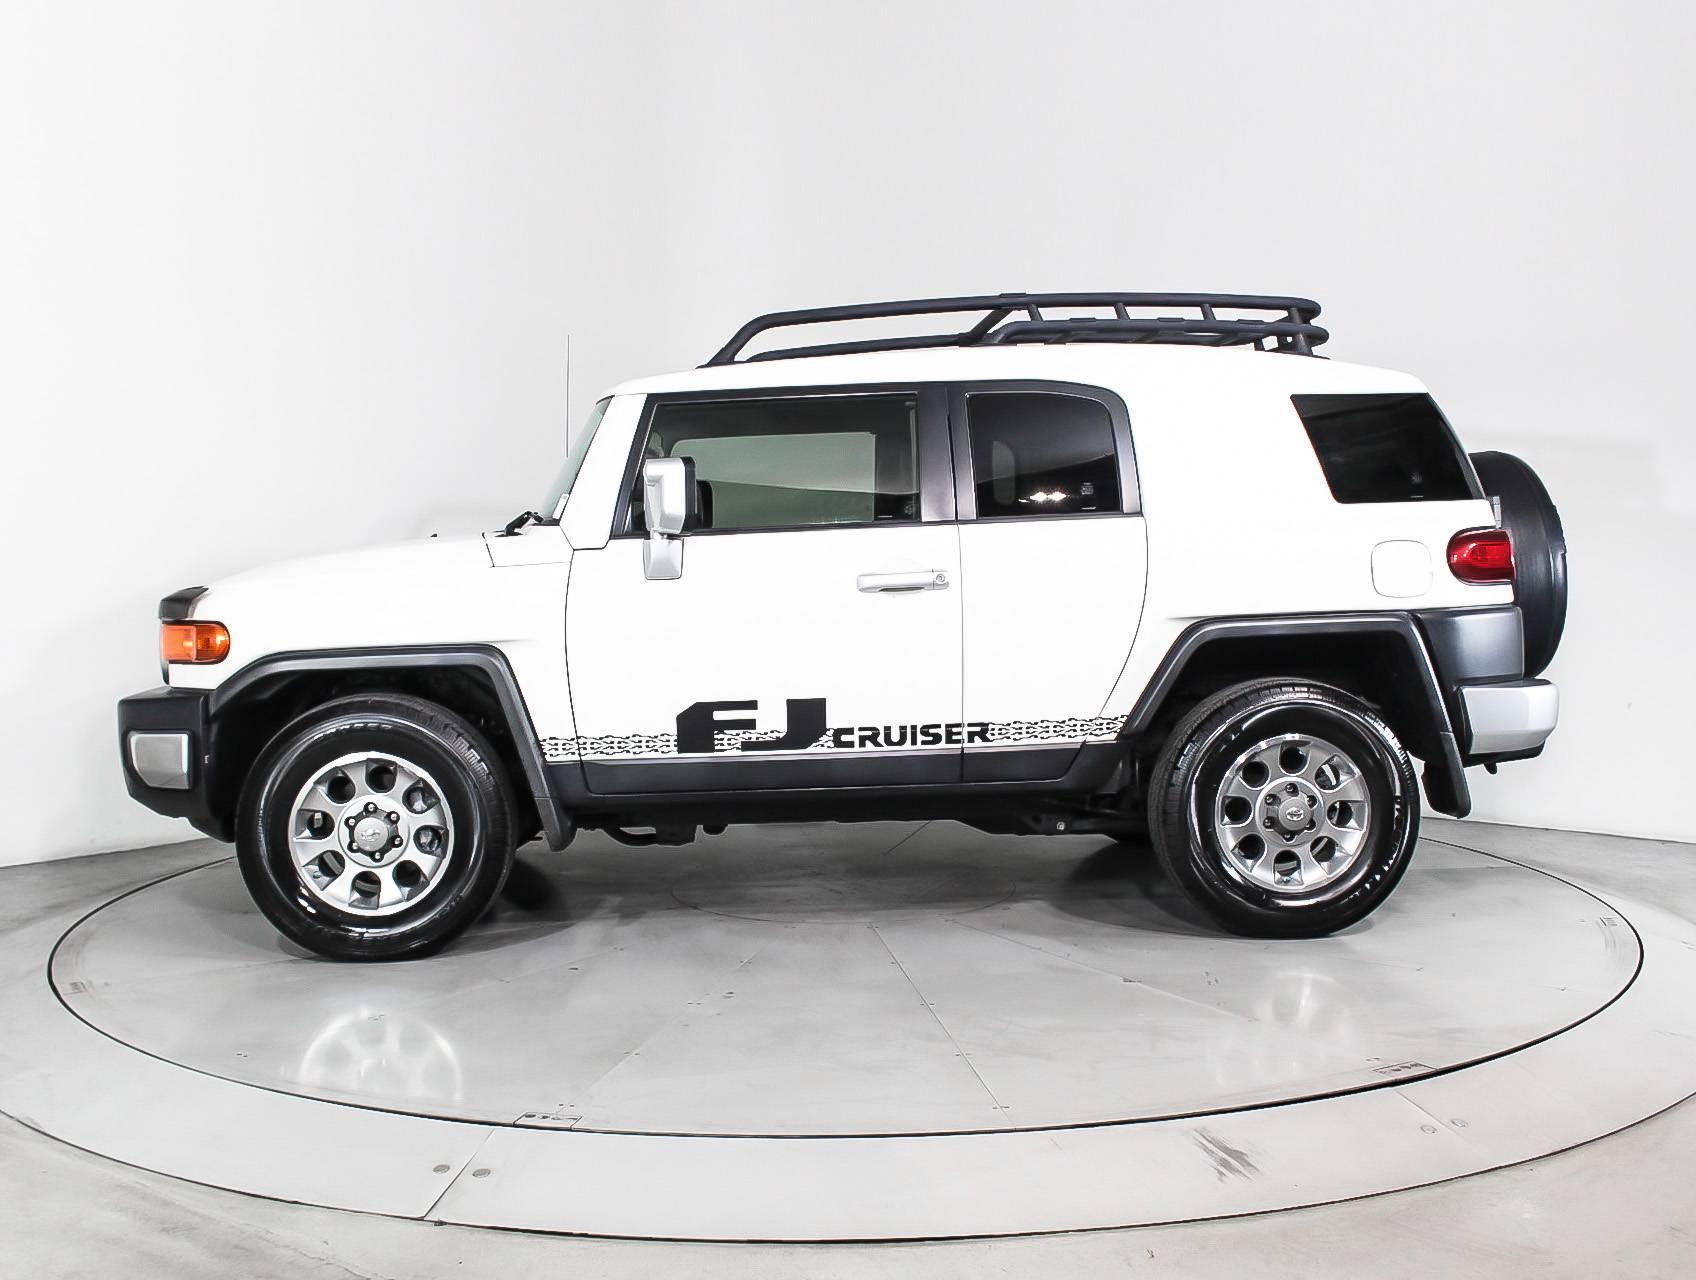 Cars For Sale In Miami >> Used 2013 Toyota Fj Cruiser Suv For Sale In Miami Fl